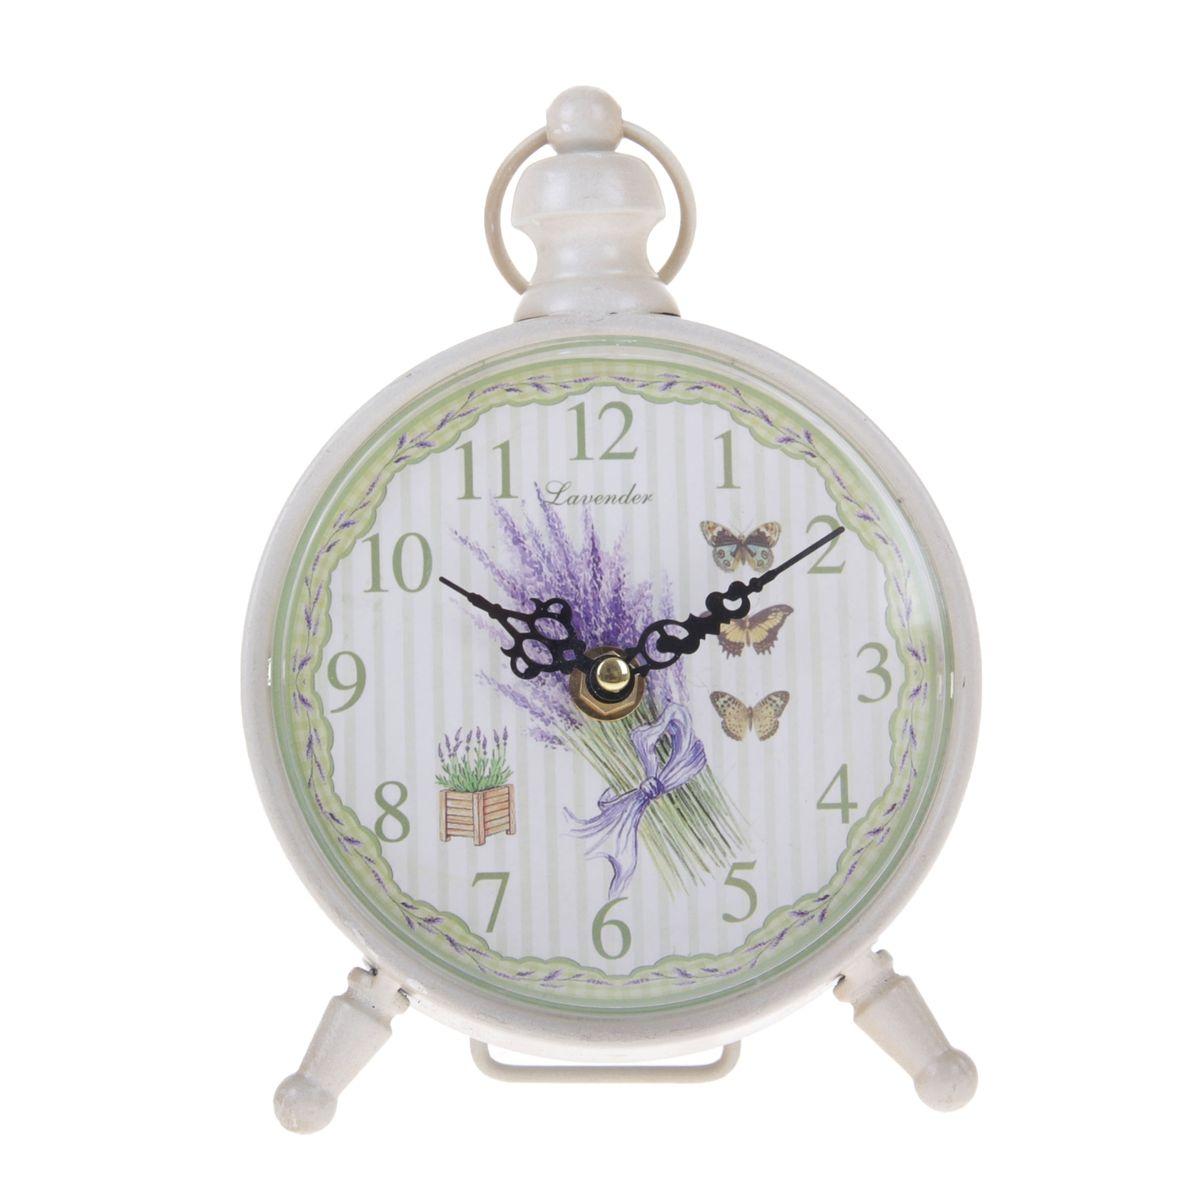 Часы настольные Sima-land Лаванда и бабочки840839Настольные часы Sima-land Лаванда и бабочки станут оригинальным элементом декора в доме или офисе. Часы, изготовленные из высококачественного металла и пластика, выполнены в виде будильника. Циферблат круглой формы, имеет крупные арабские цифры. Часы имеют две стрелки - часовую и минутную. Изделие располагается на металлических ножках. Настольные часы Sima-land Лаванда и бабочки станут не только оригинальным украшением стола, но и прекрасным подарком, который обязательно понравится получателю. Часы работают от одной батарейки с напряжением 1,5 V (в комплект не входит). Диаметр циферблата: 12,5 см. Общий размер часов: 20 см х 7 см х 18,5 см.